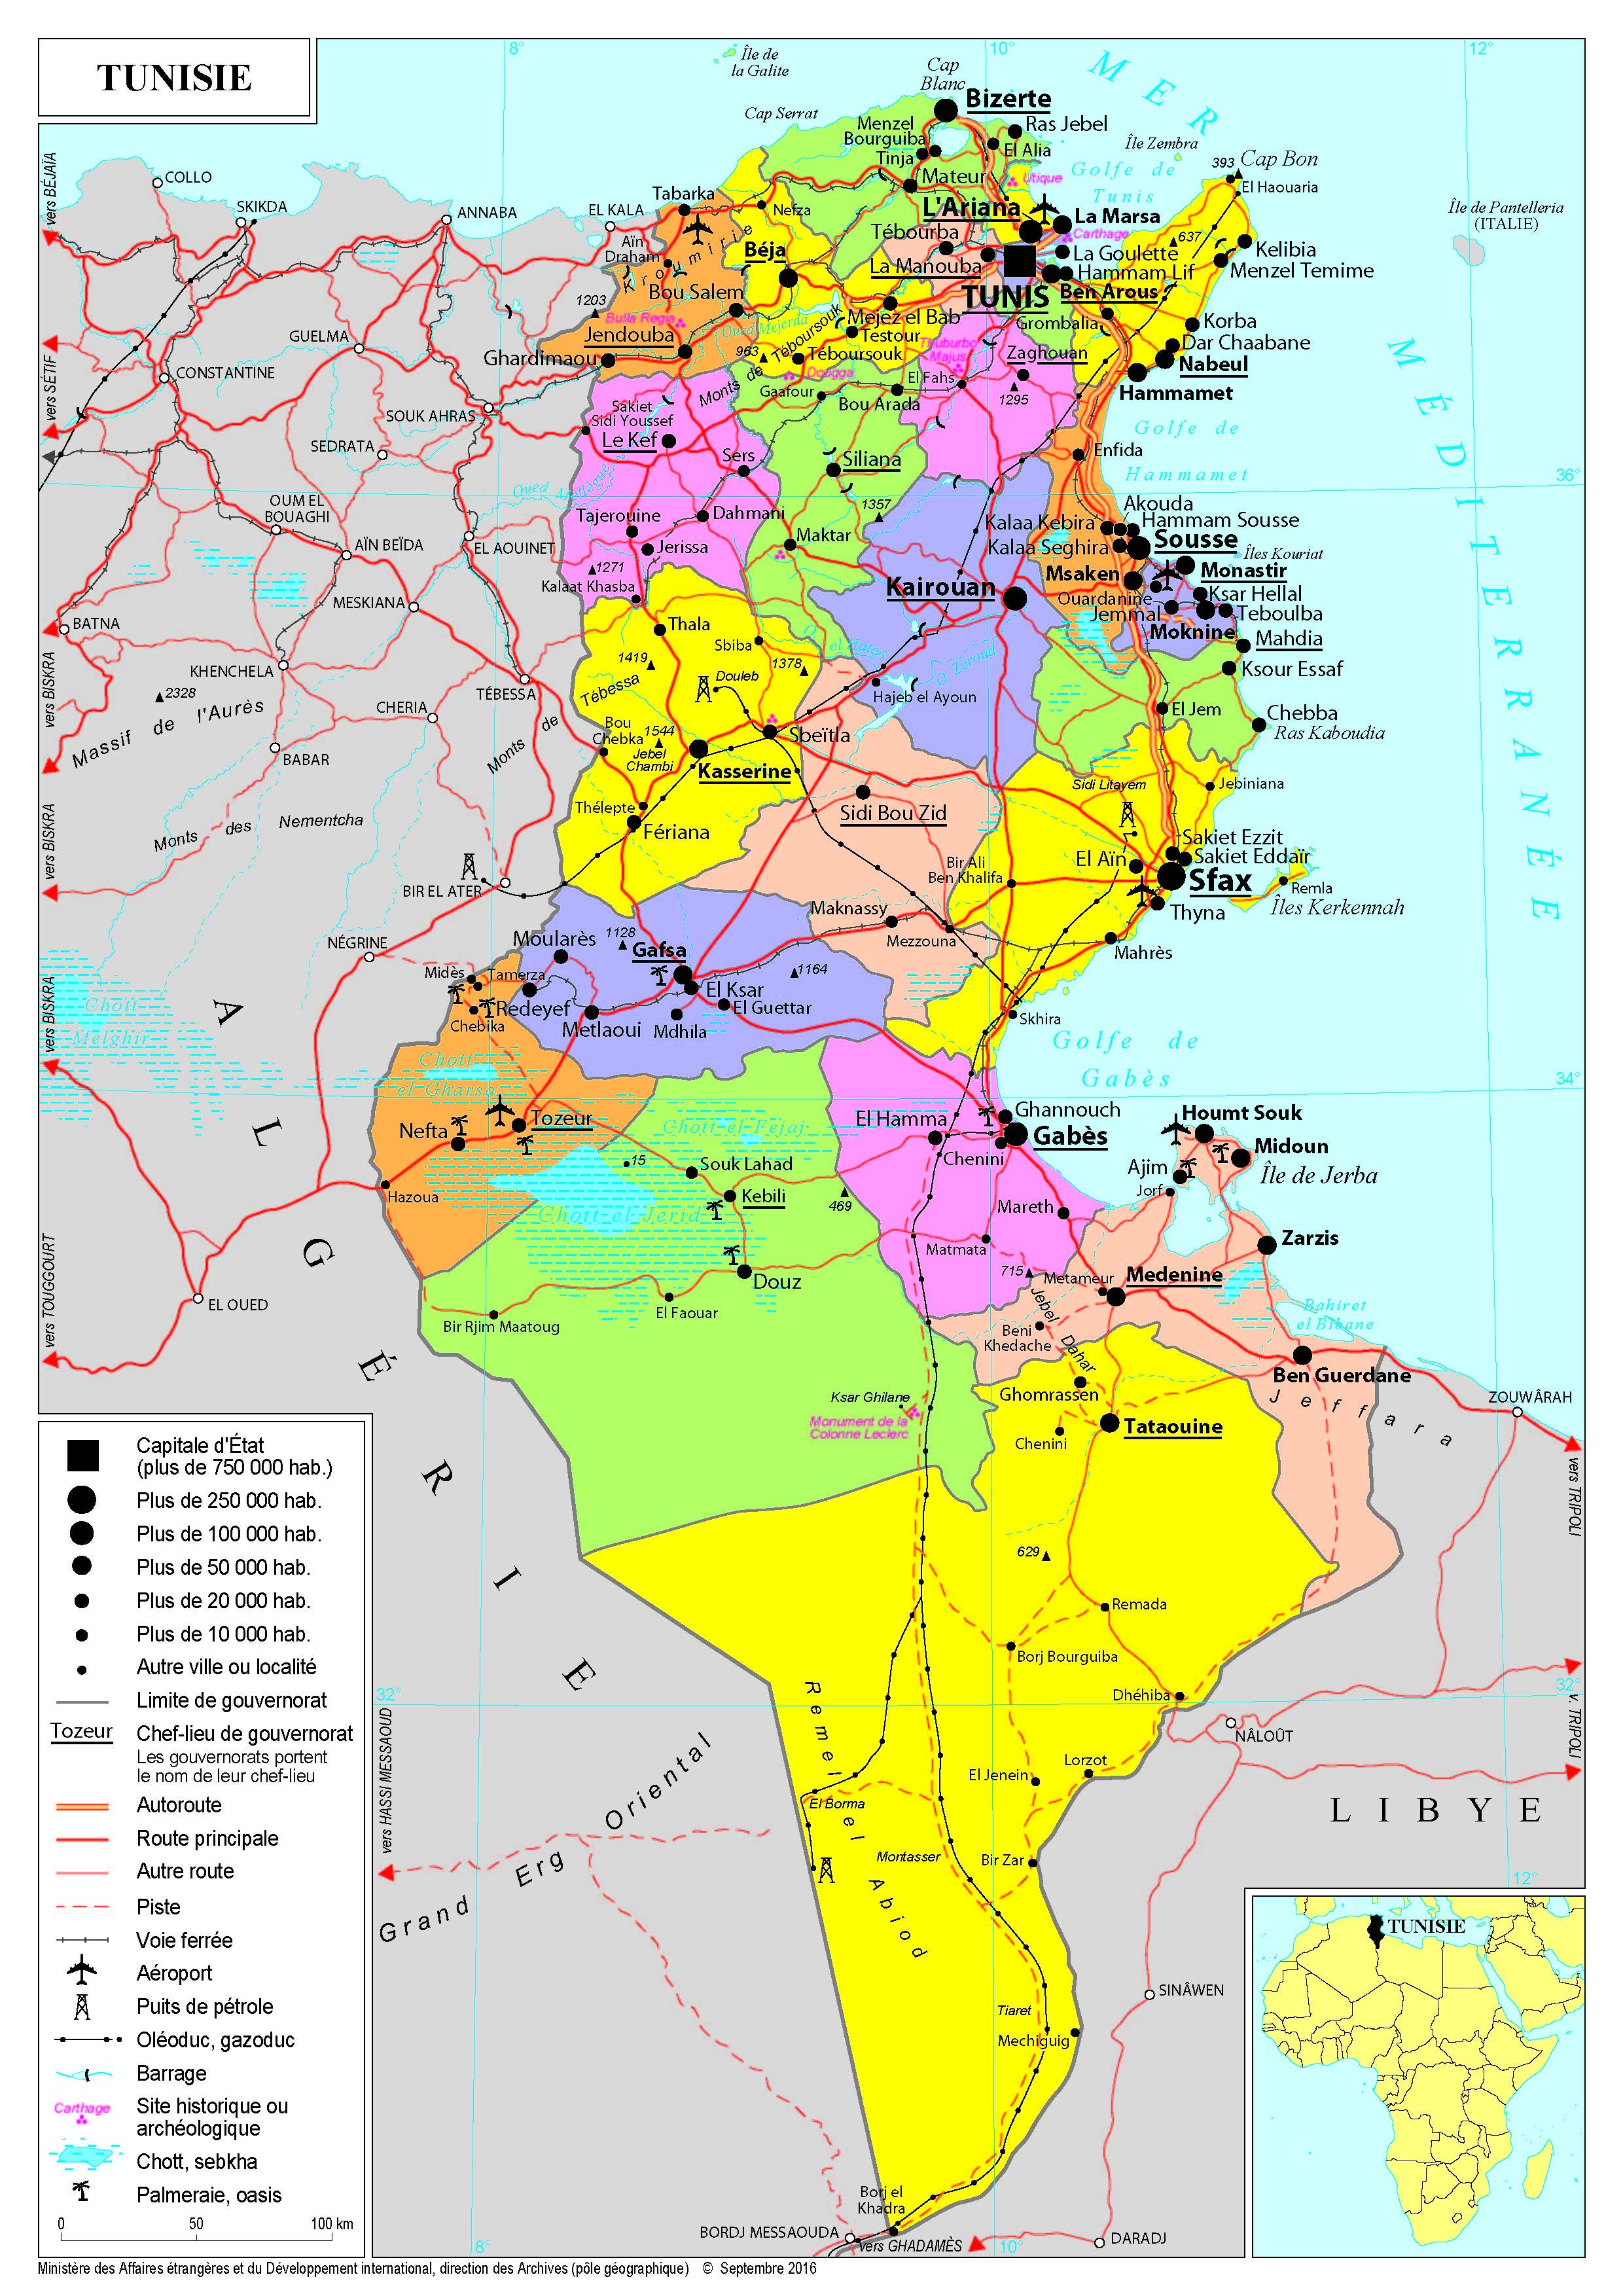 Présentation De L Application Zedge: Présentation De La Tunisie